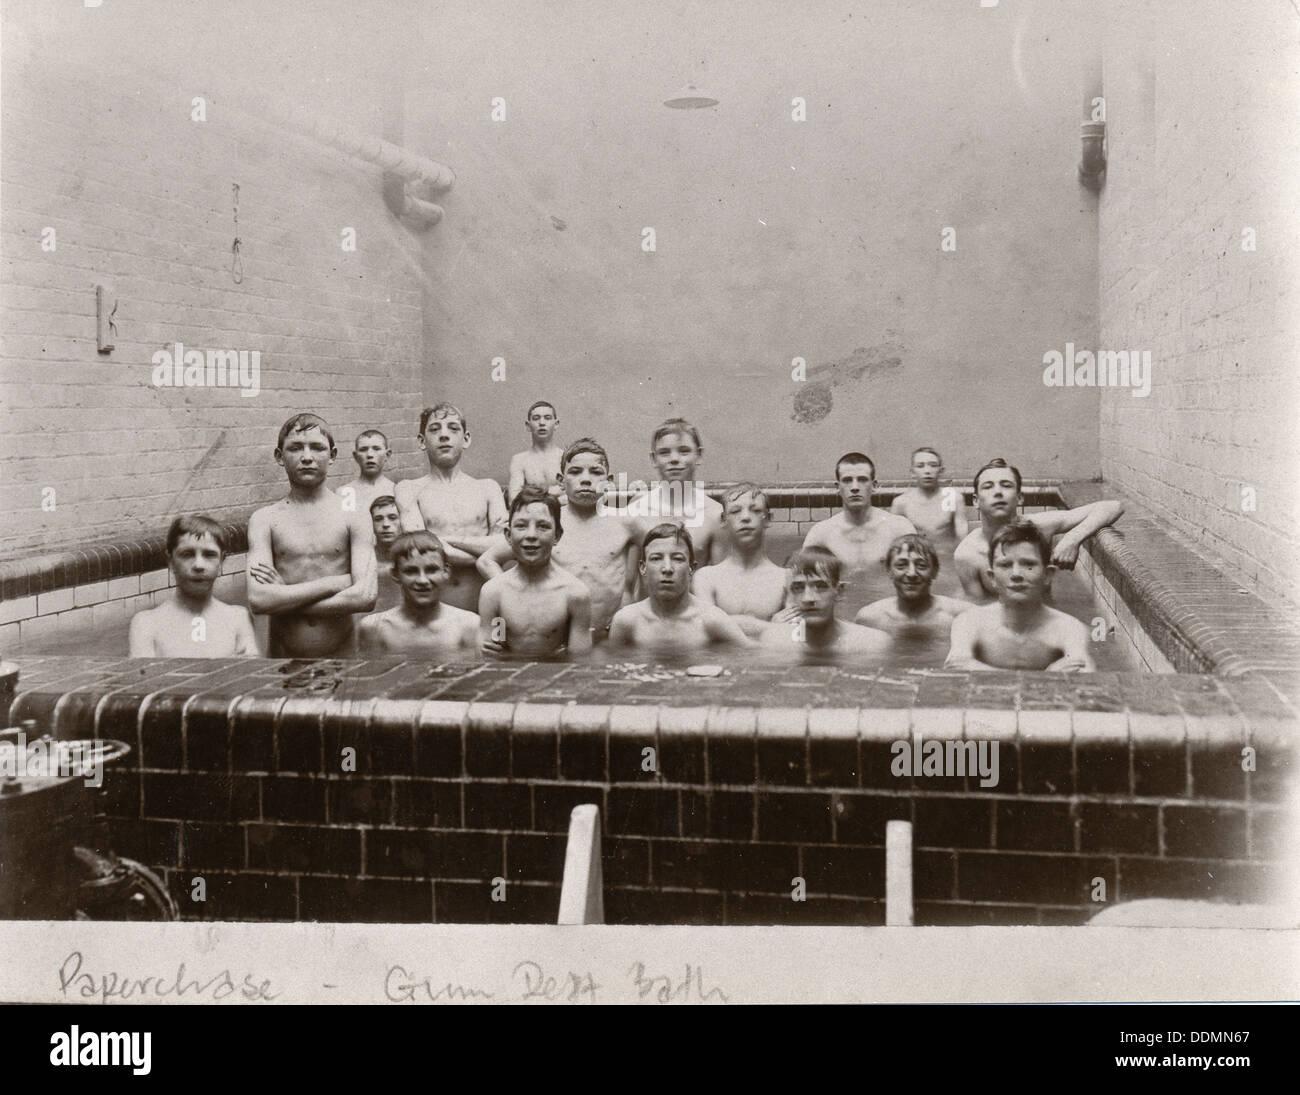 Photo De Groupe Des Garcons A Plunge Baignoire York Yorkshire 1909